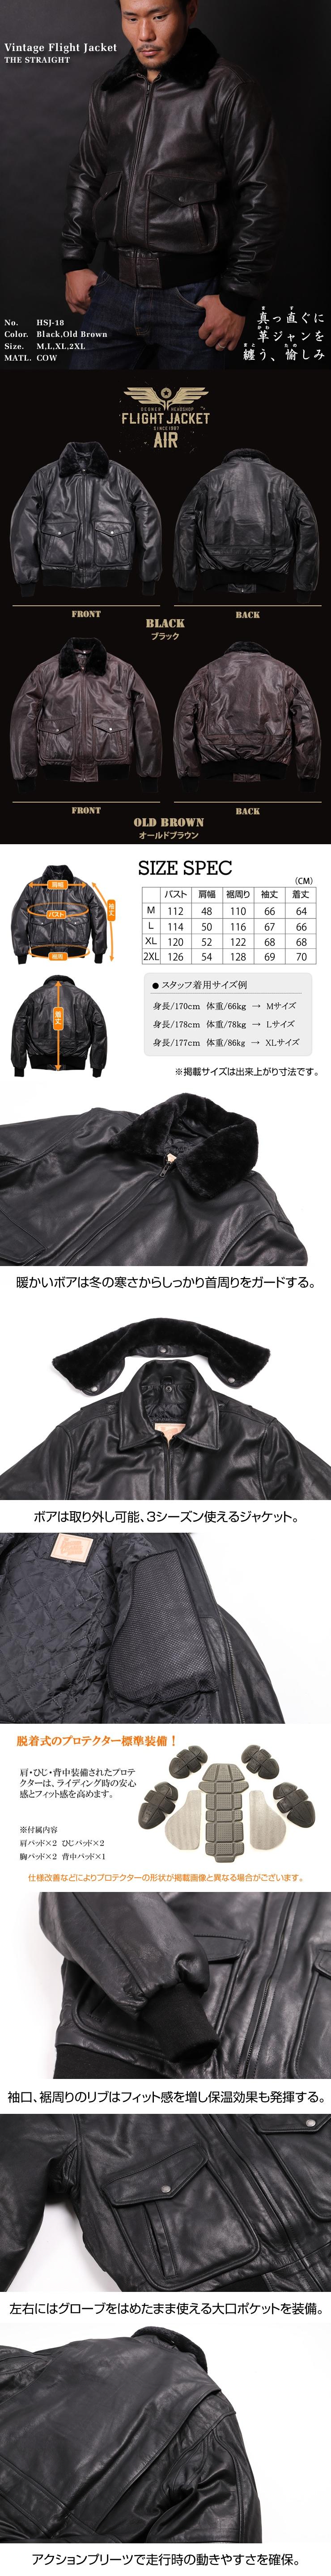 レザー 本革 牛革 ボア フライト ヴィンテージ ブラック オールドブラウン バイカ— ジャケット 秋 冬 男 HSJ-18 デグナー